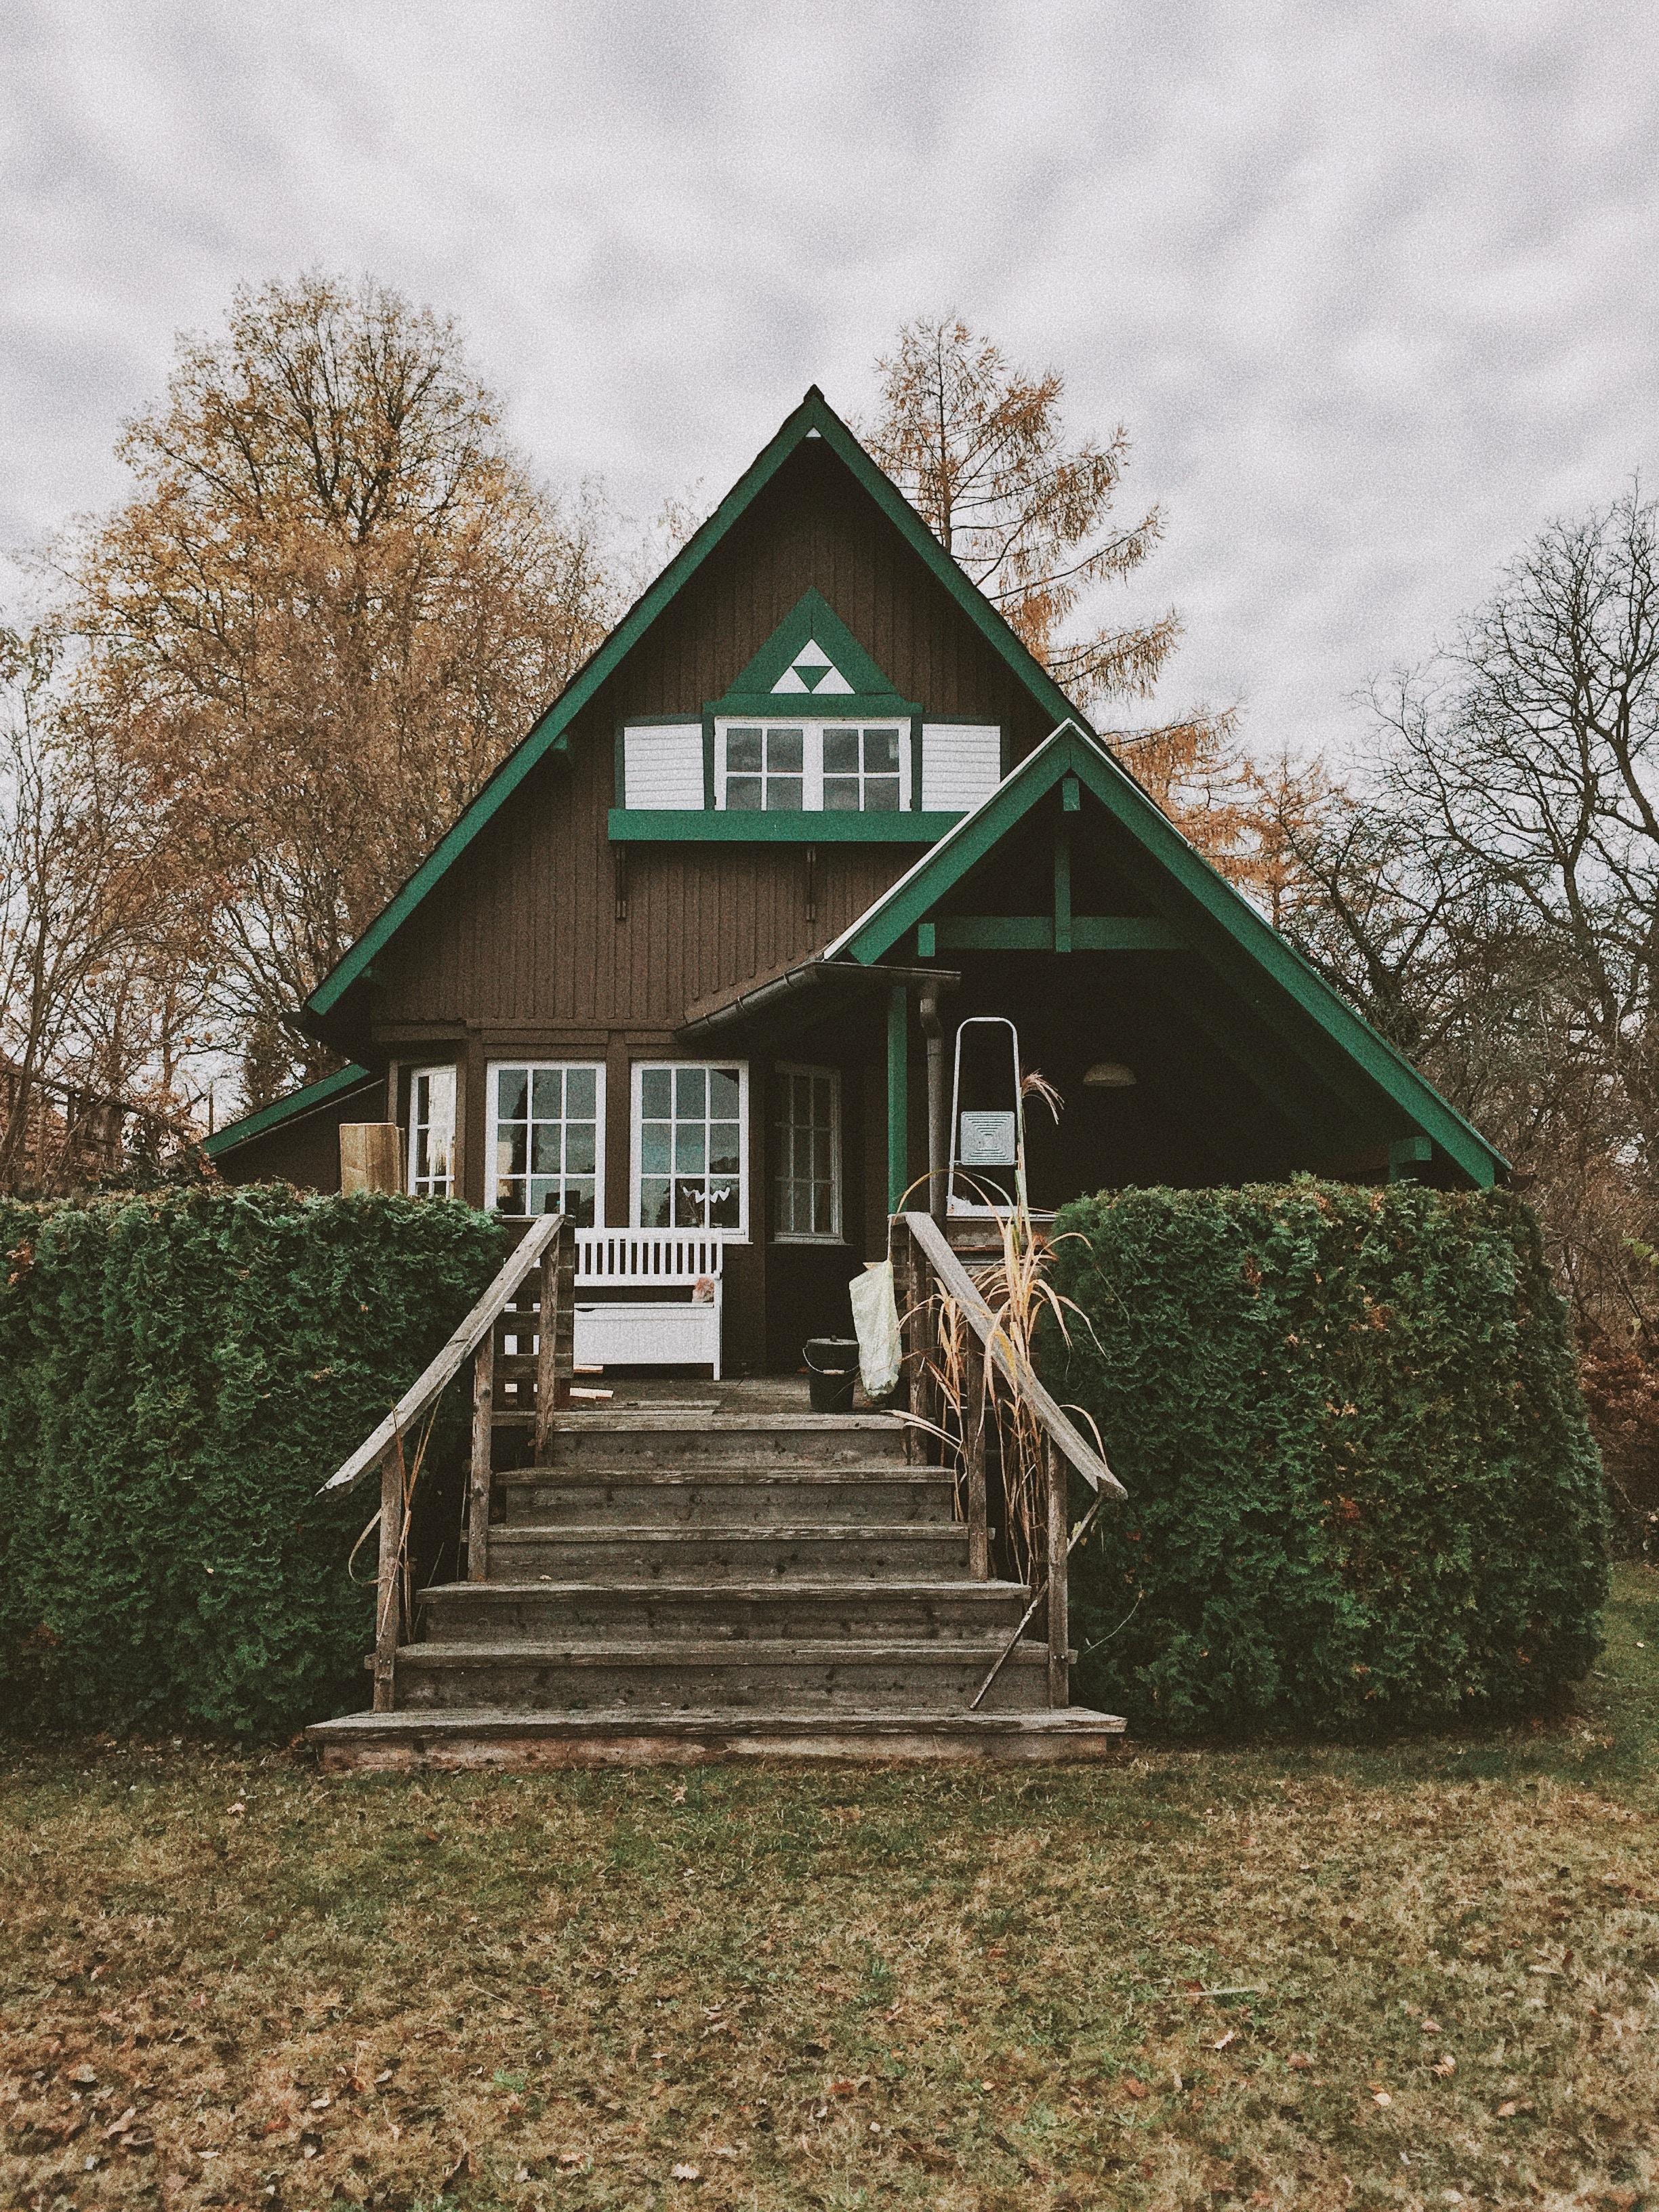 Maison bois et peinte en vert avec arbres autour